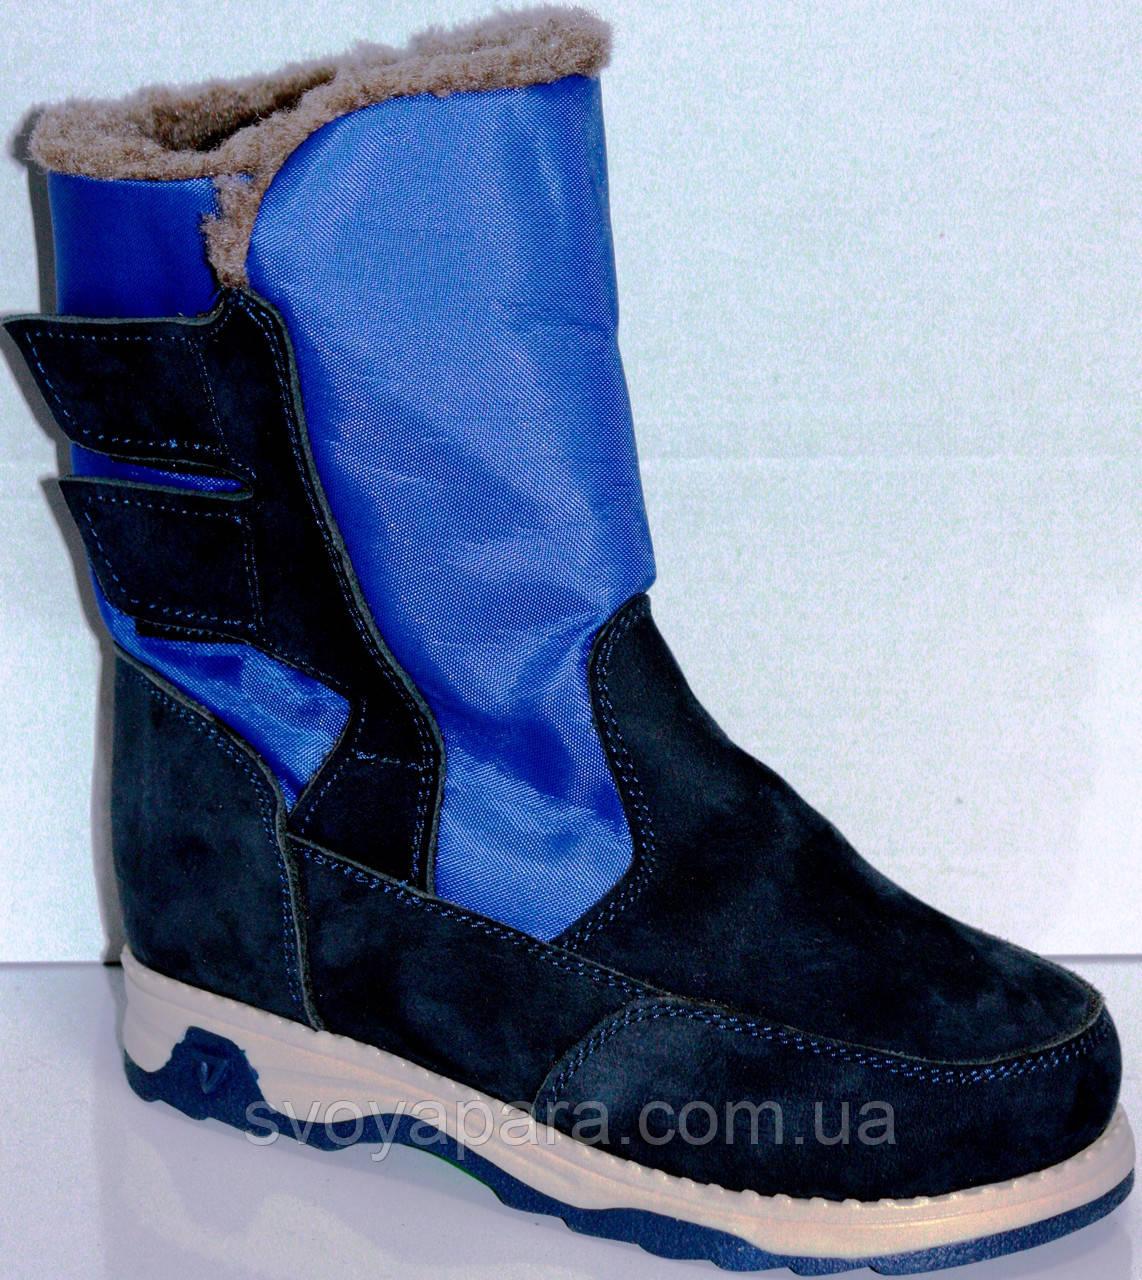 Сапоги детские зимние для мальчика из замша и непромокаемой ткани синие с липучкой ортопедические